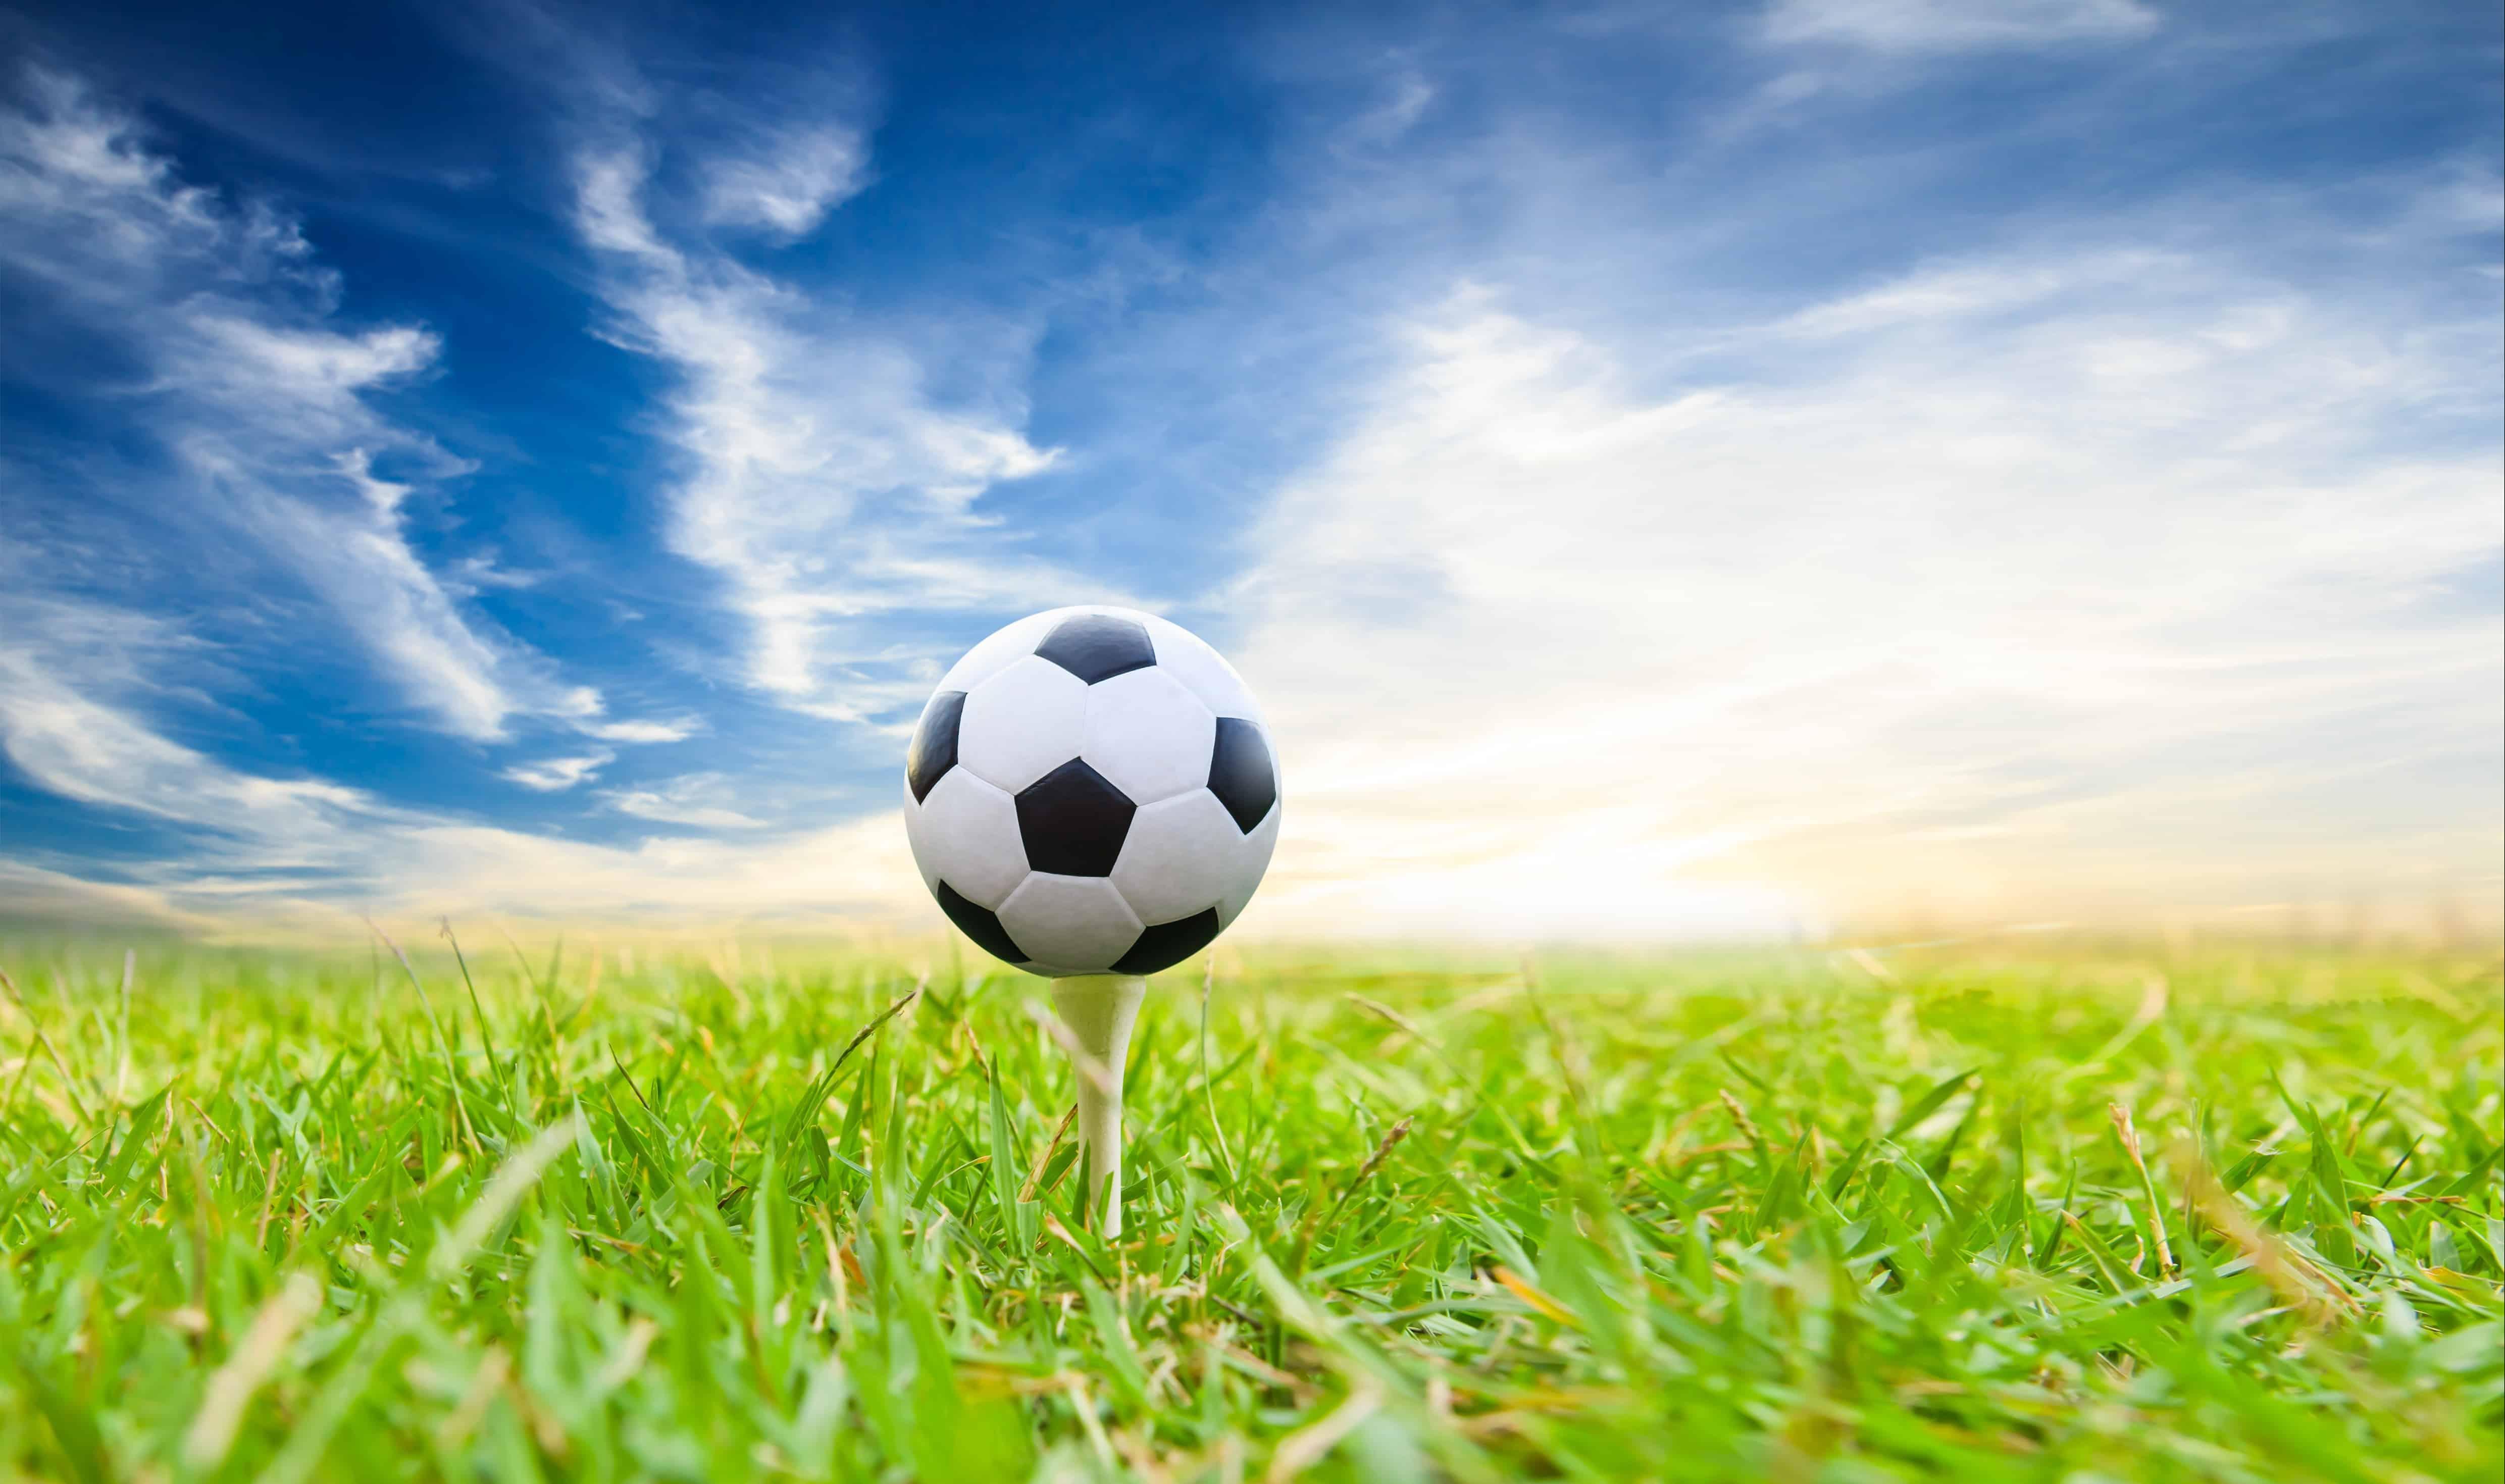 Fussballgolf Eine Neue Sportart Erobert Den Norden